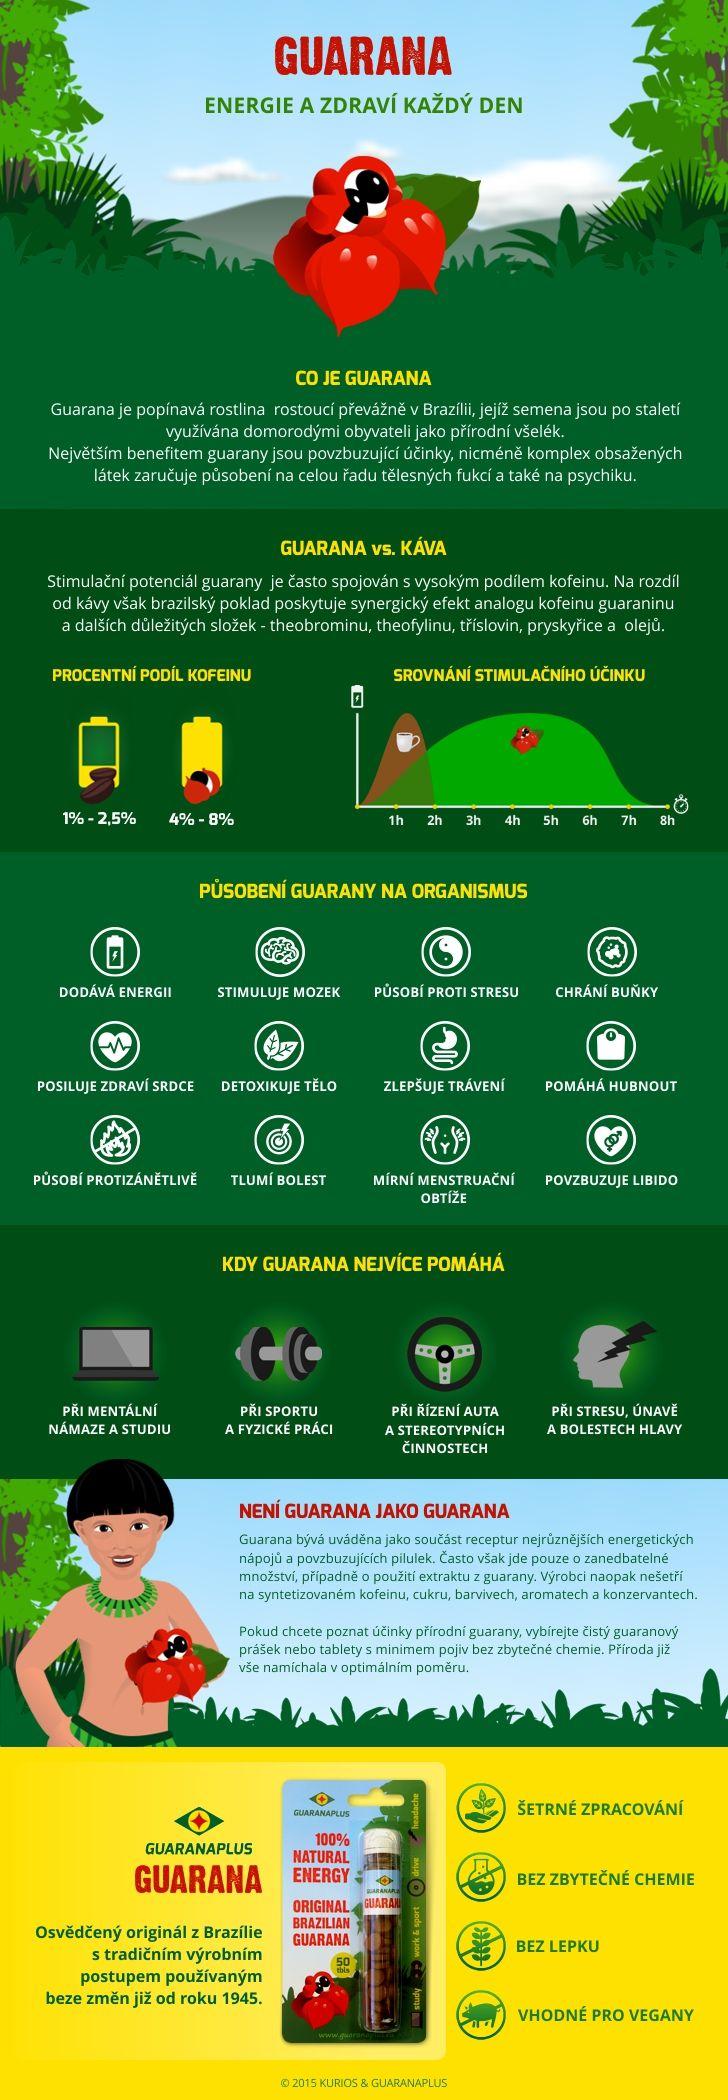 Infografika - guarana #infografika #guarana #energie #energy